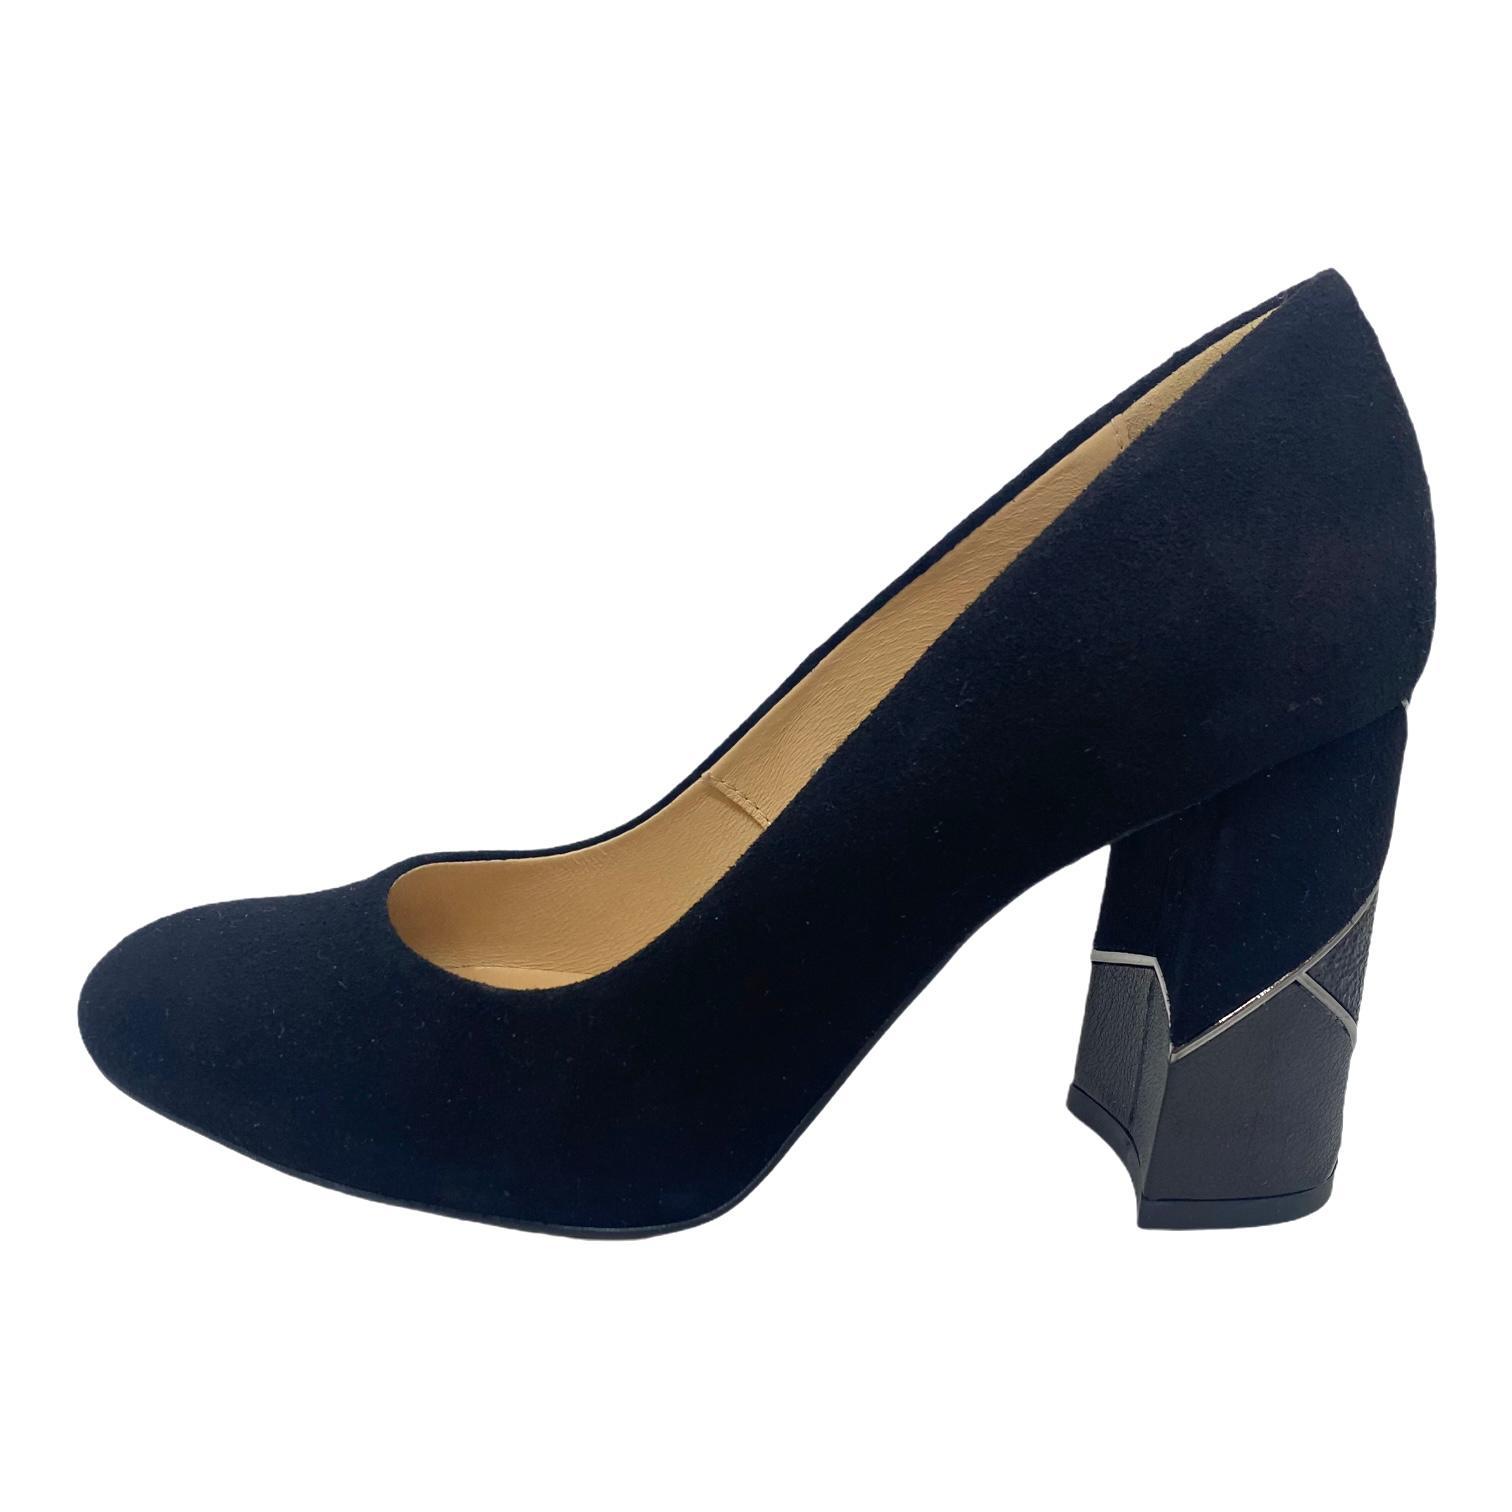 Pantofi Kordel negri cu toc cu model